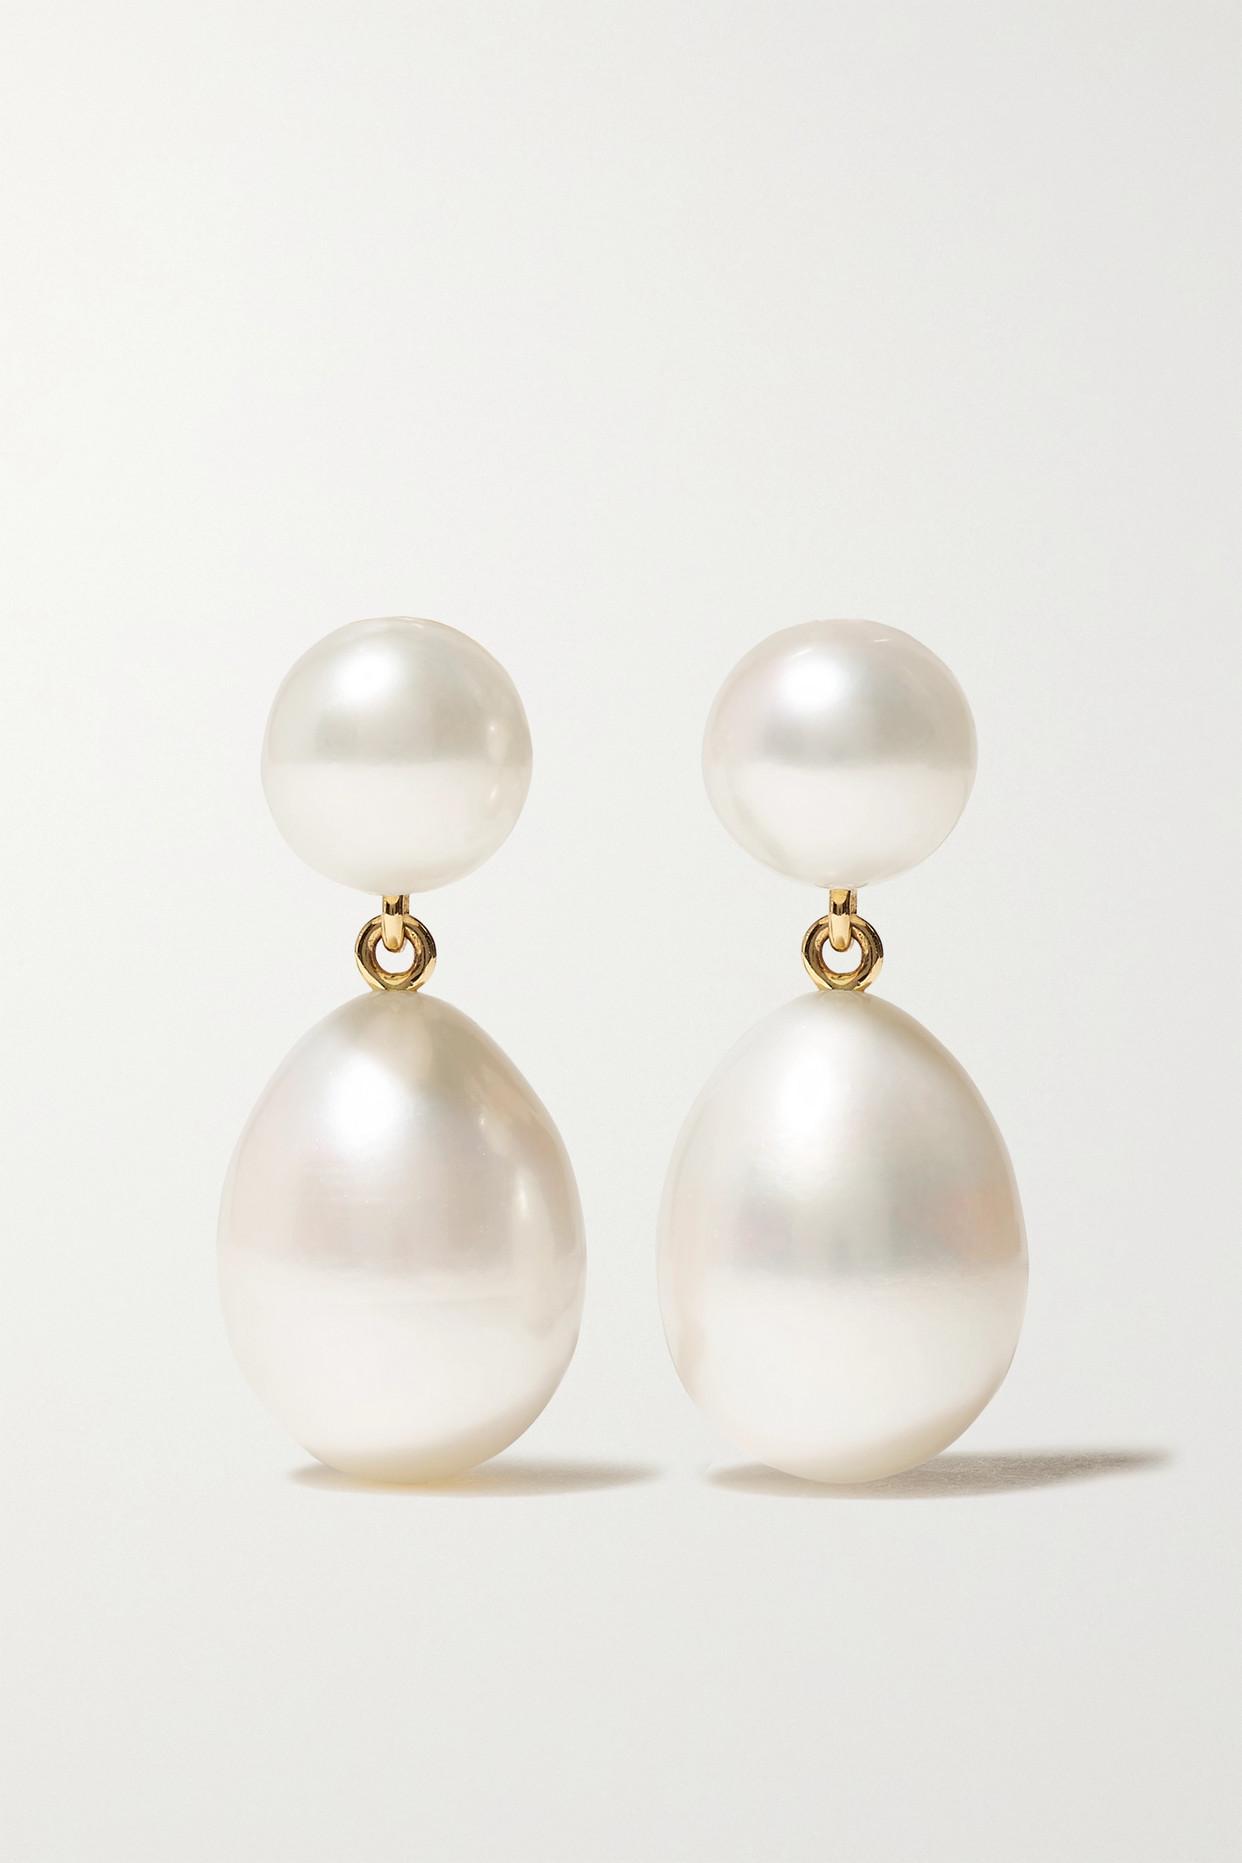 Sophie Bille Brahe Grand Venus L'eau 14-karat Gold Pearl Earrings